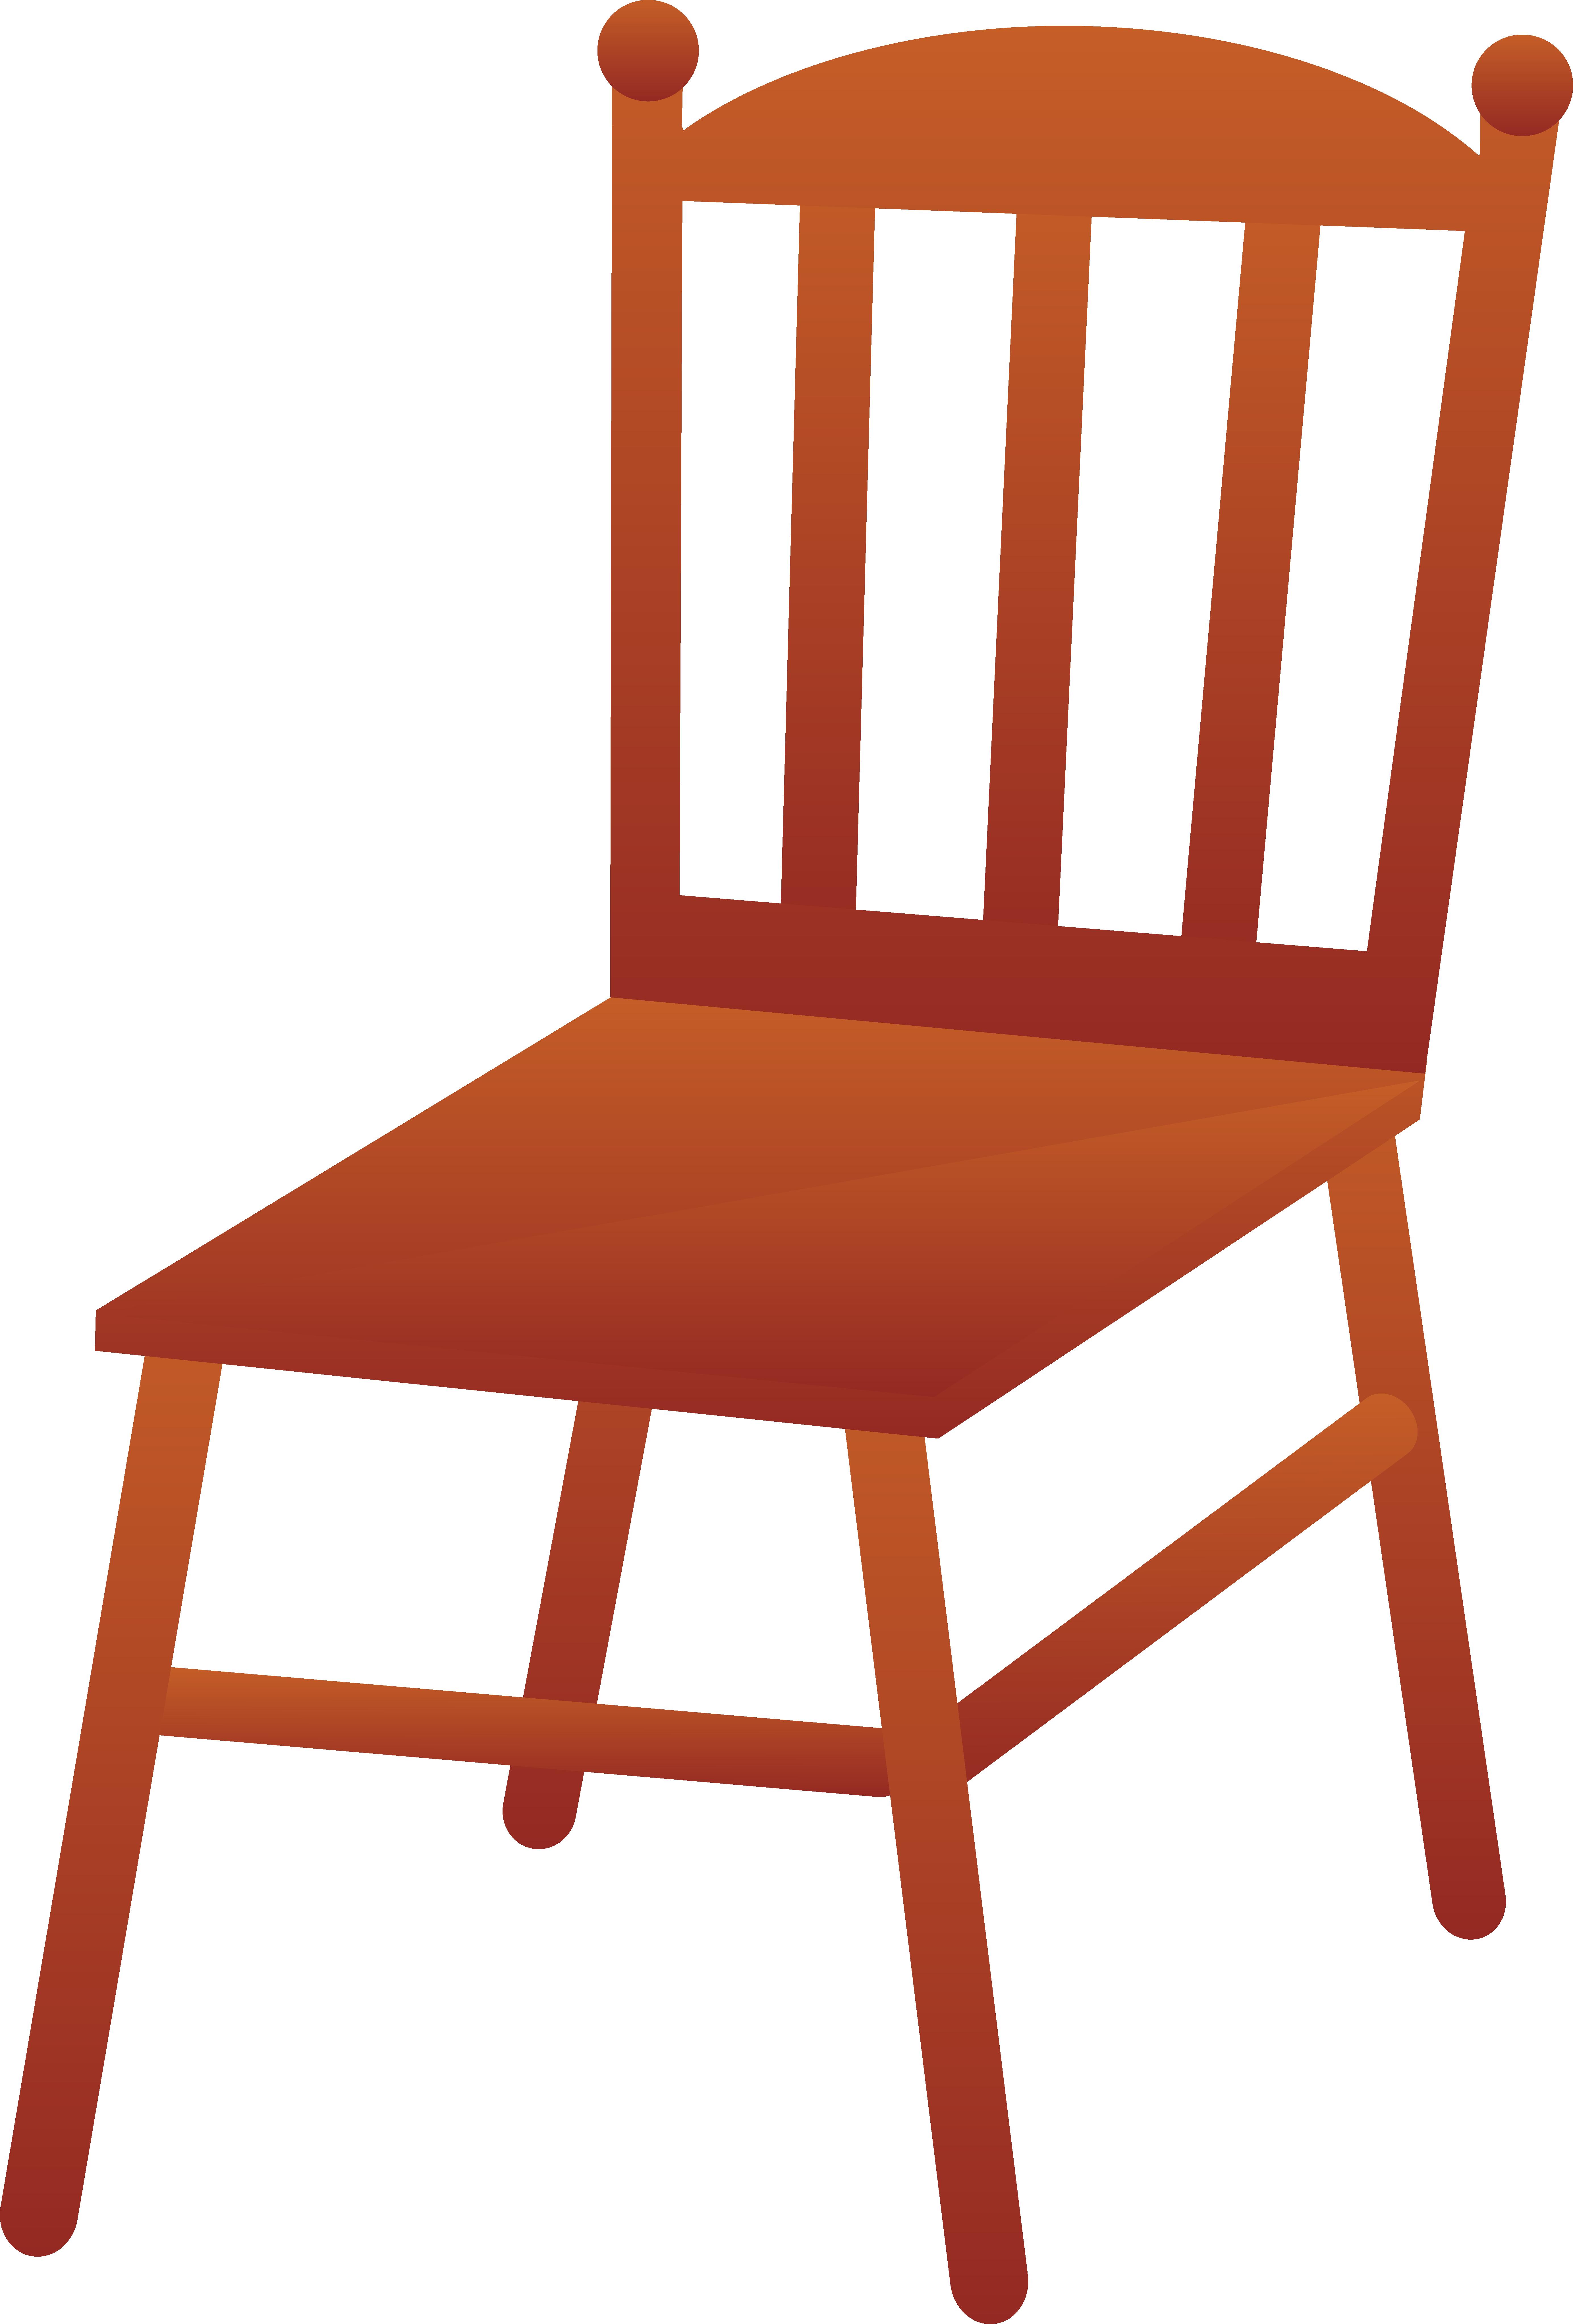 5534x8175 A Chair Clipart